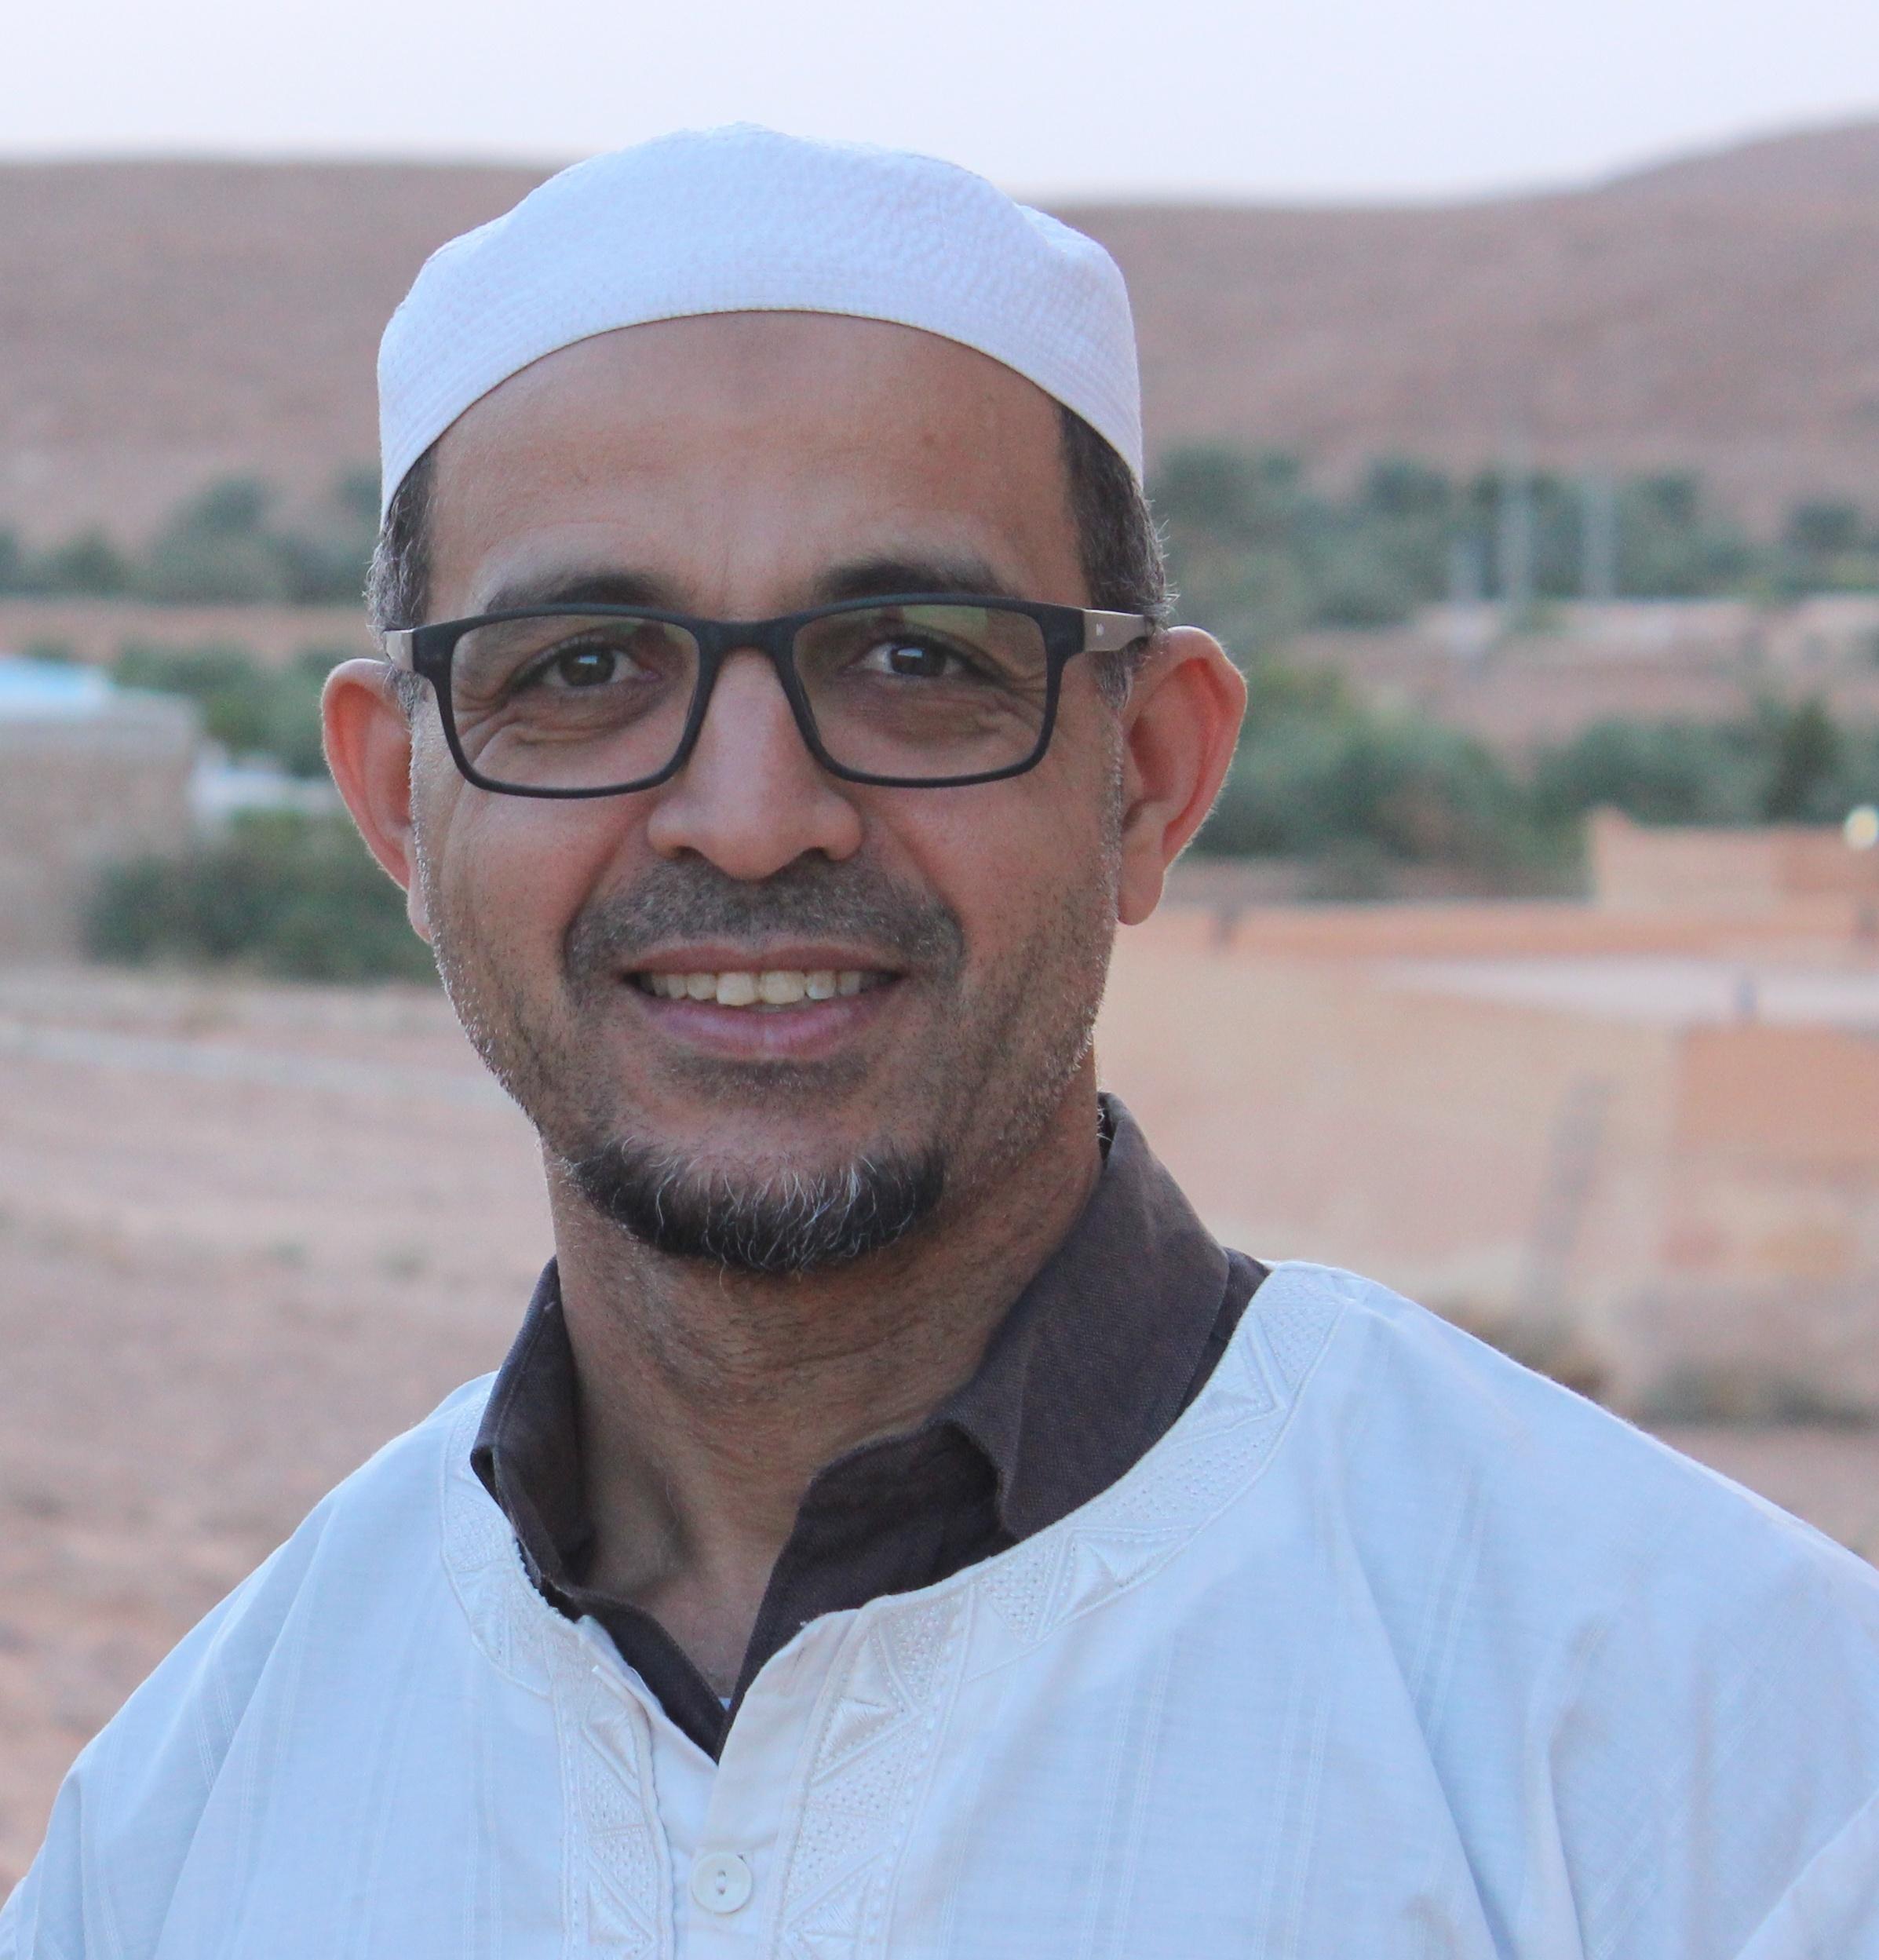 IDER Mohammed